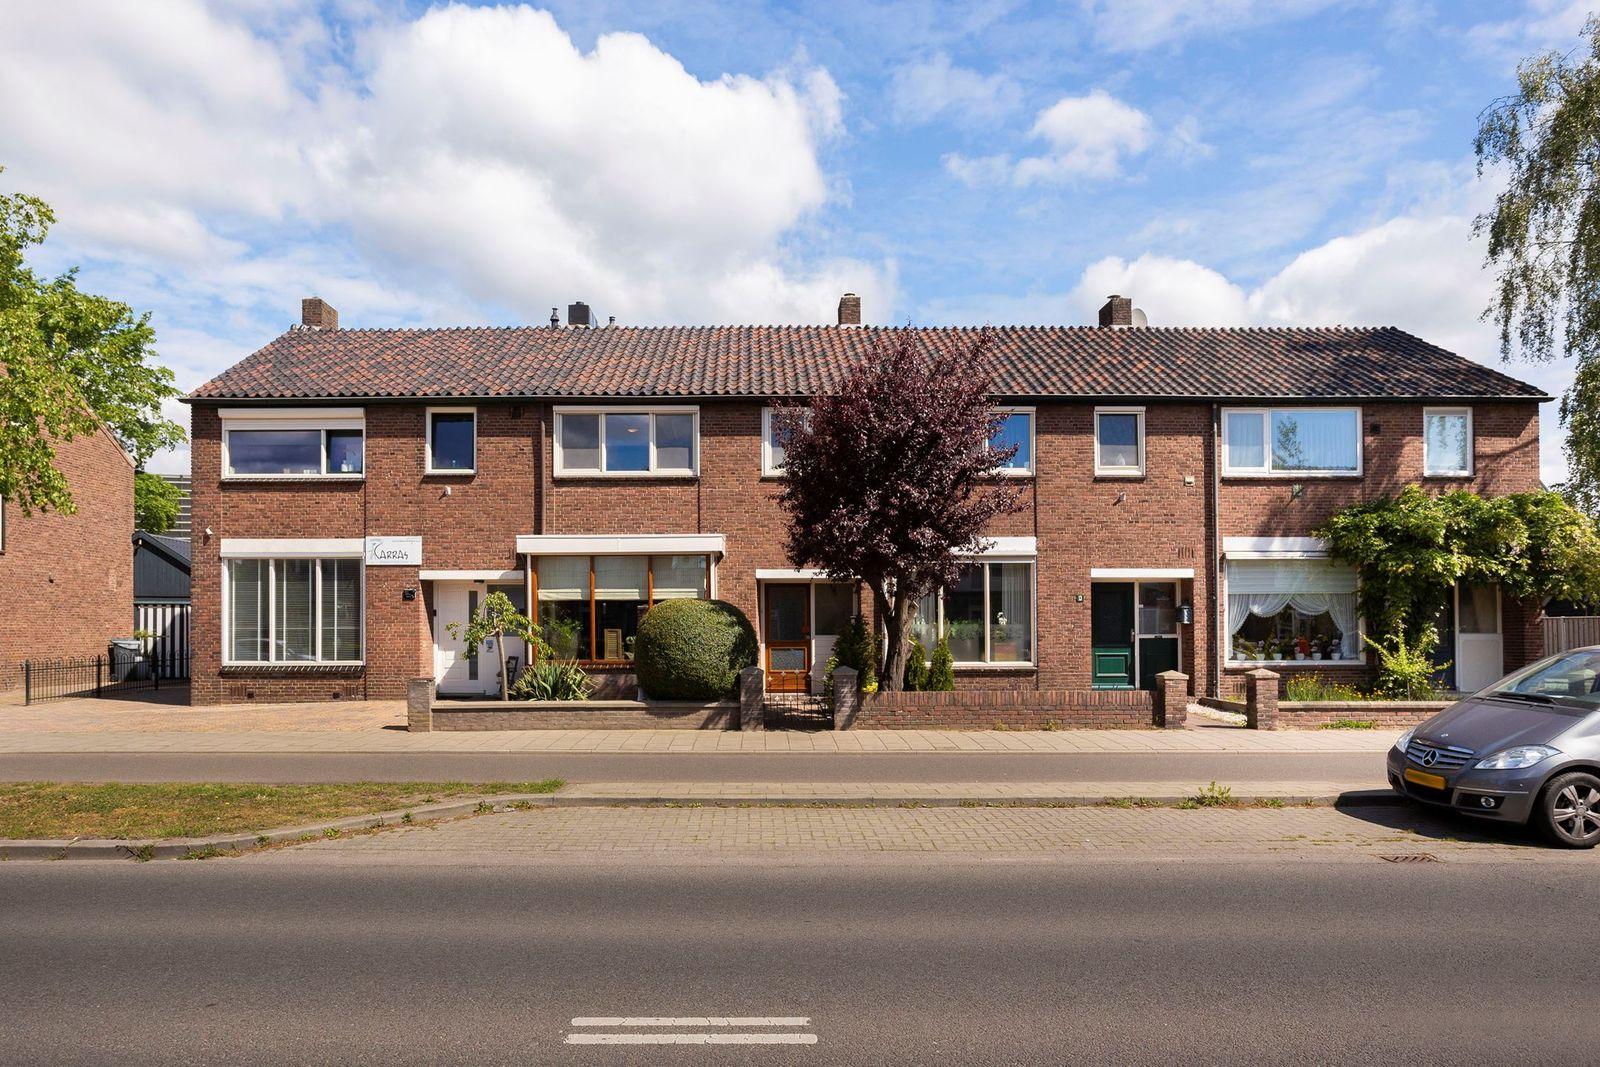 Ravenweg, Apeldoorn